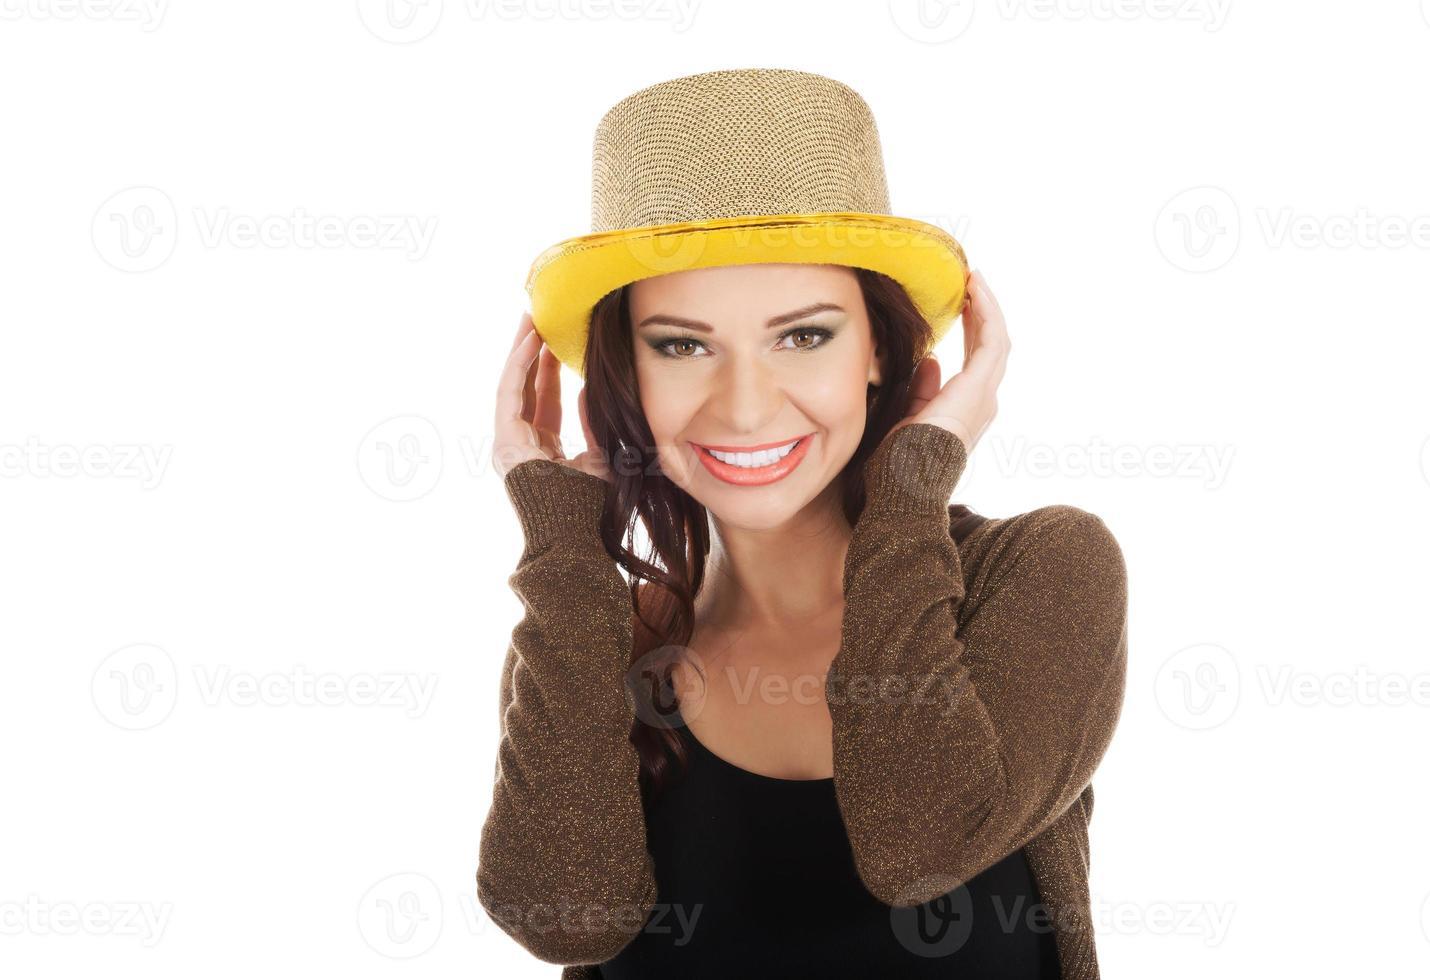 schöne Frau im schwarzen Kleid und im goldenen Hut. foto